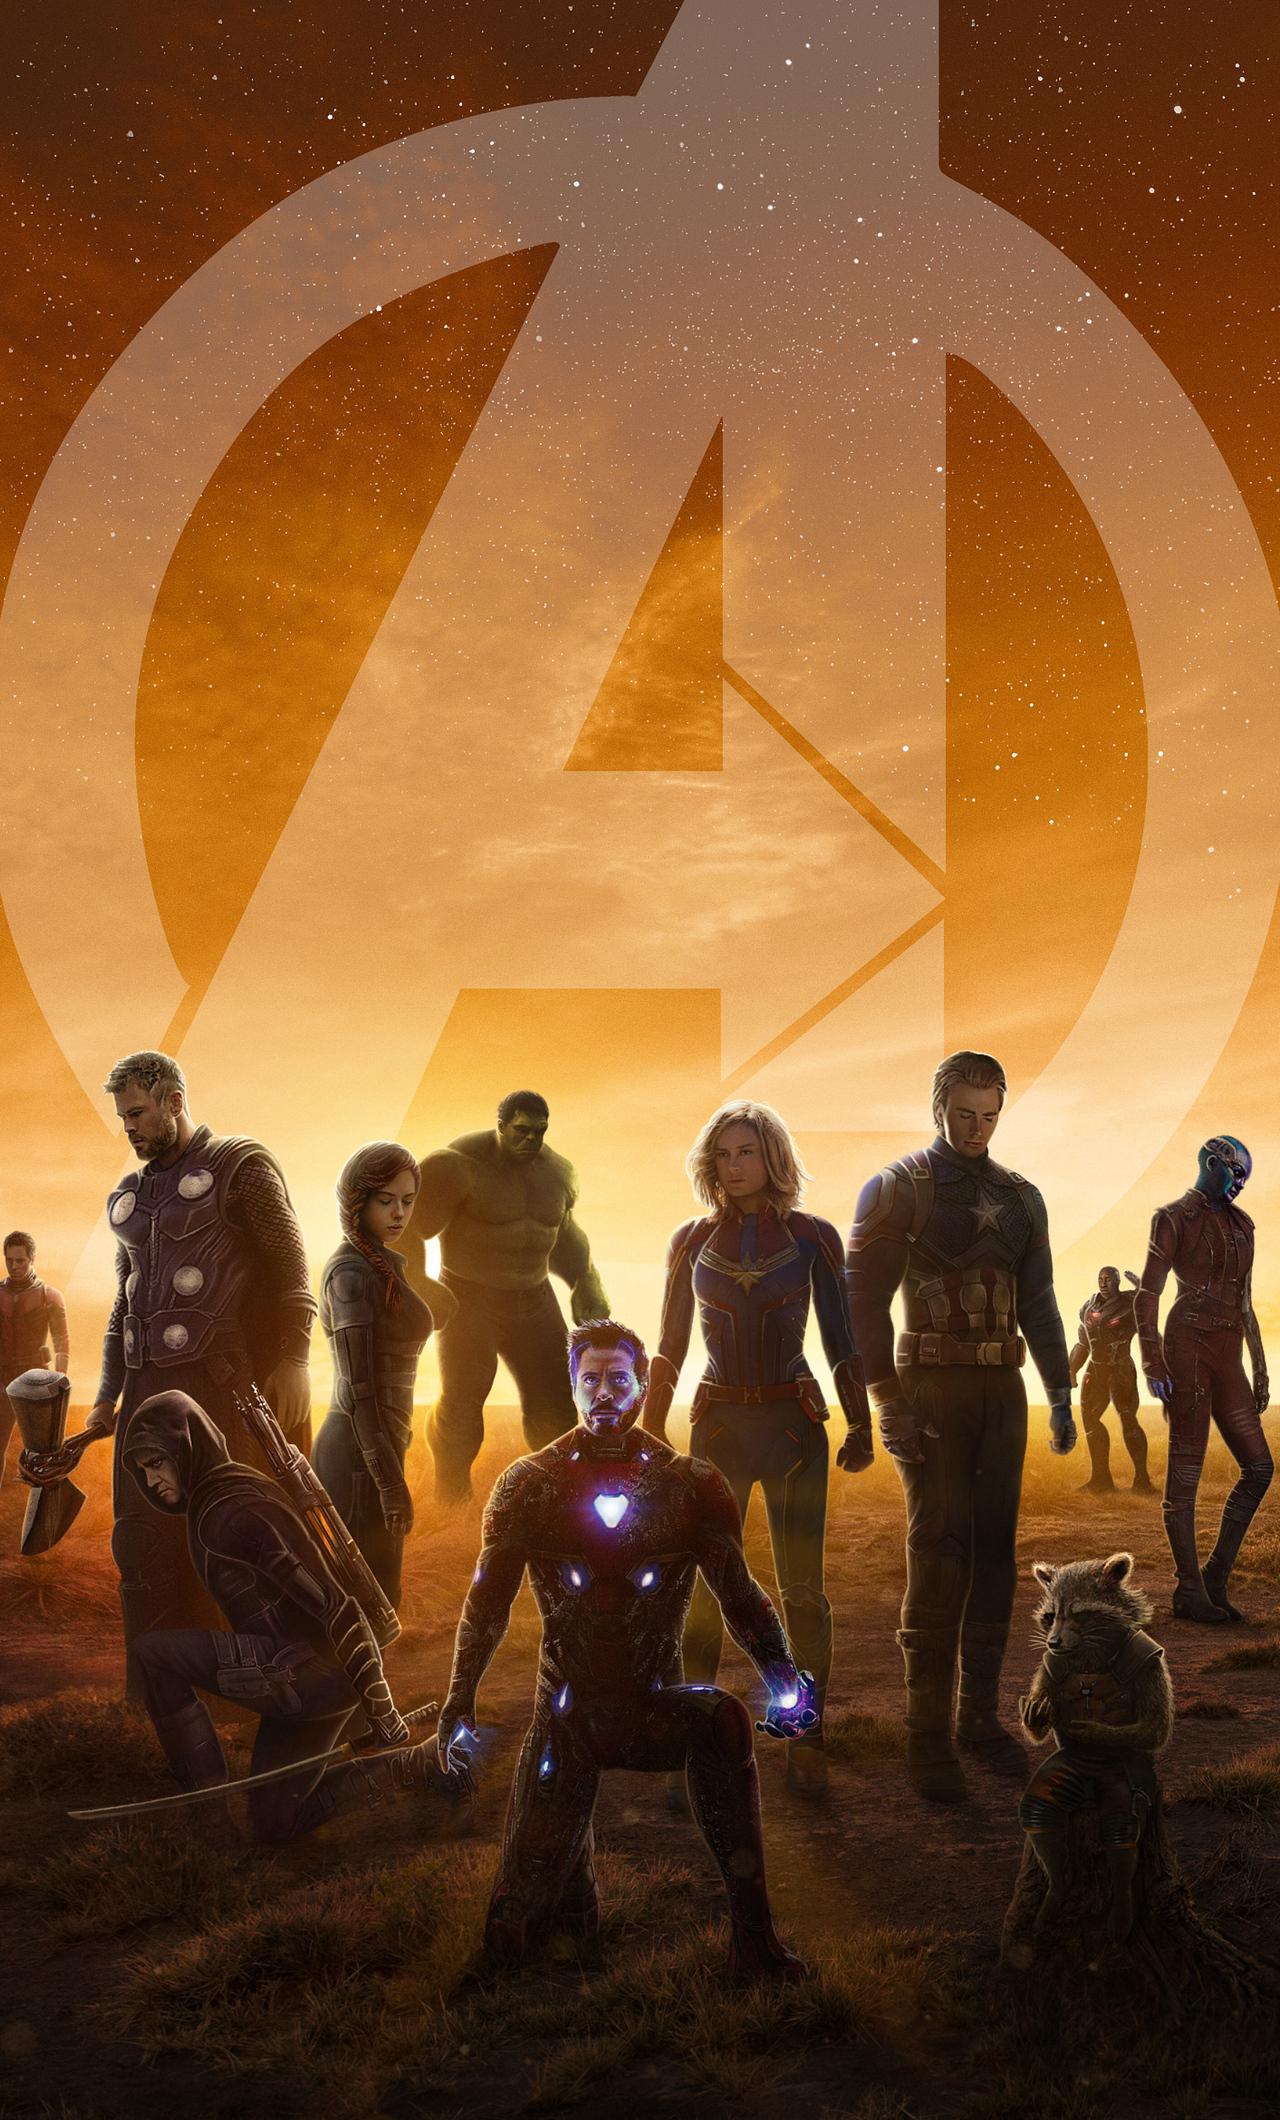 avengers-endgame-2019-movie-y2.jpg